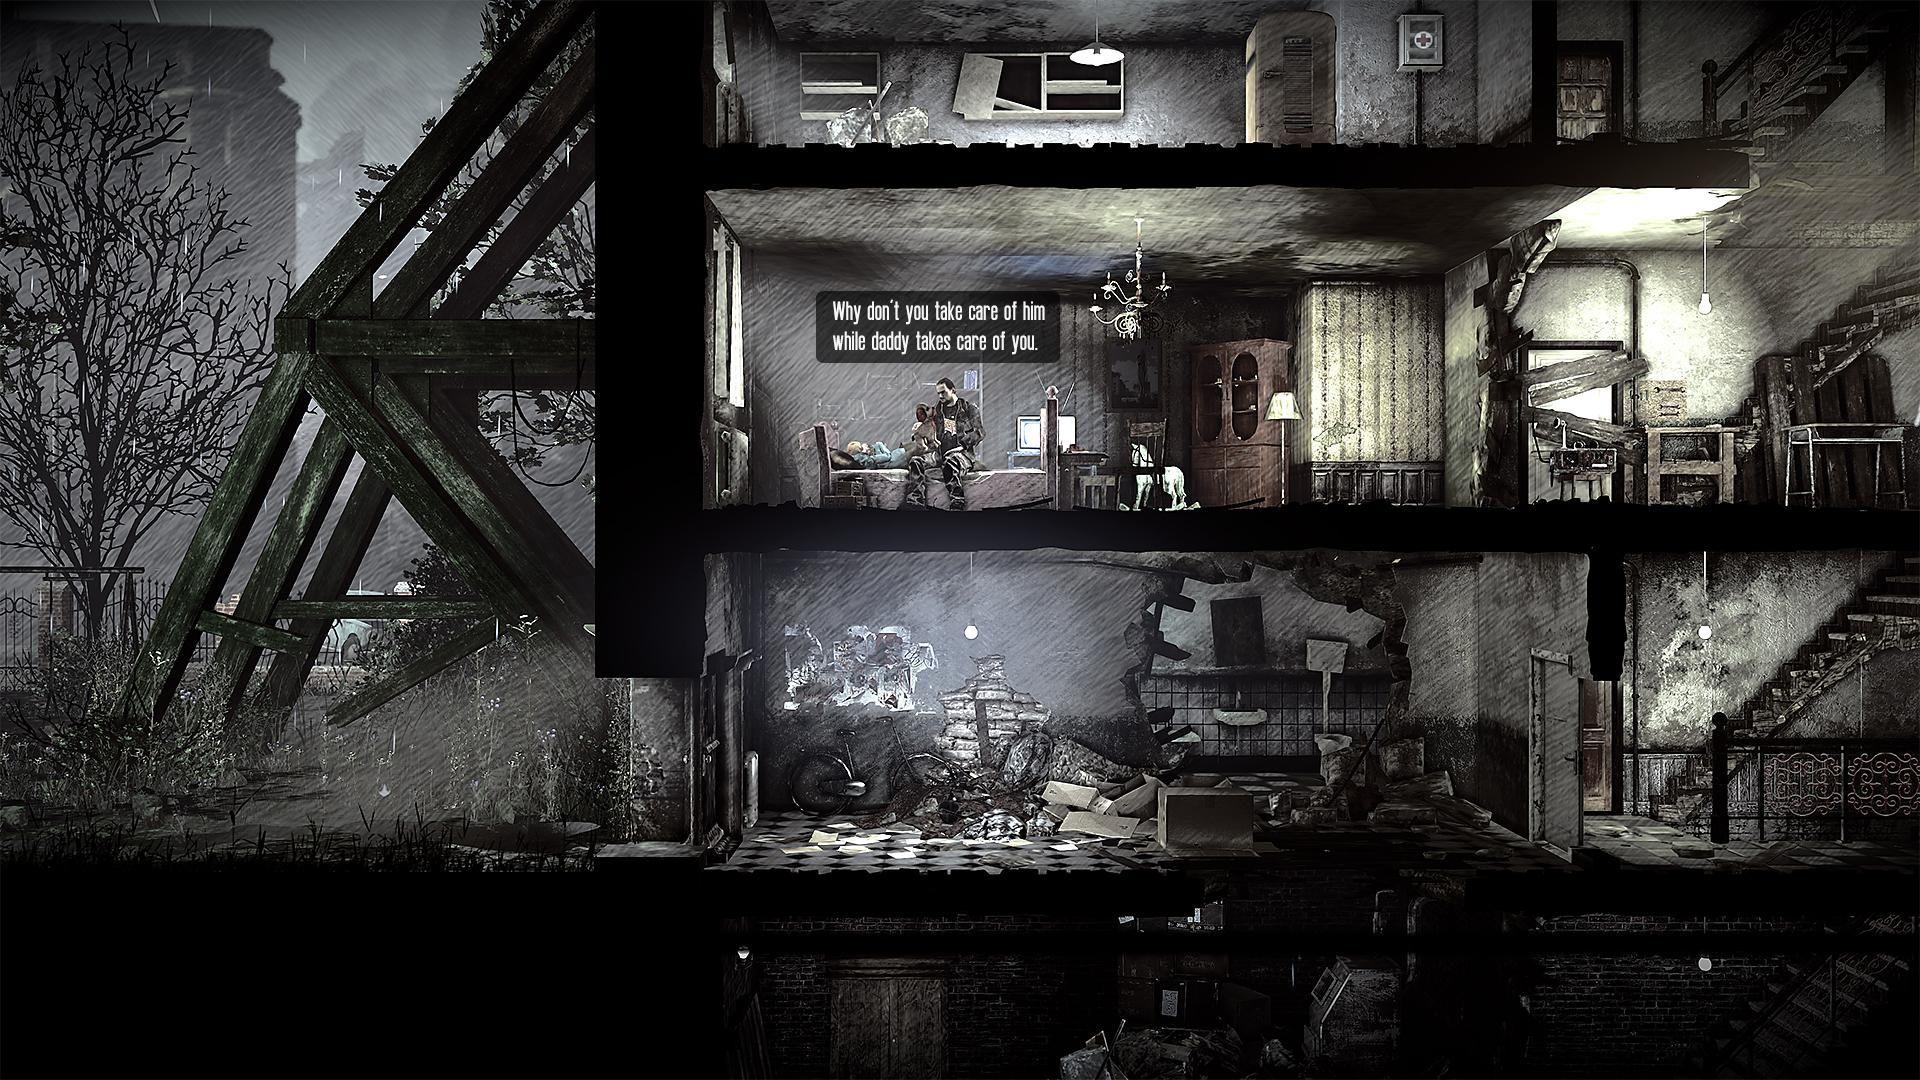 这是我的战争:故事 - 父亲的承诺(This War of Mine)  游戏截图1